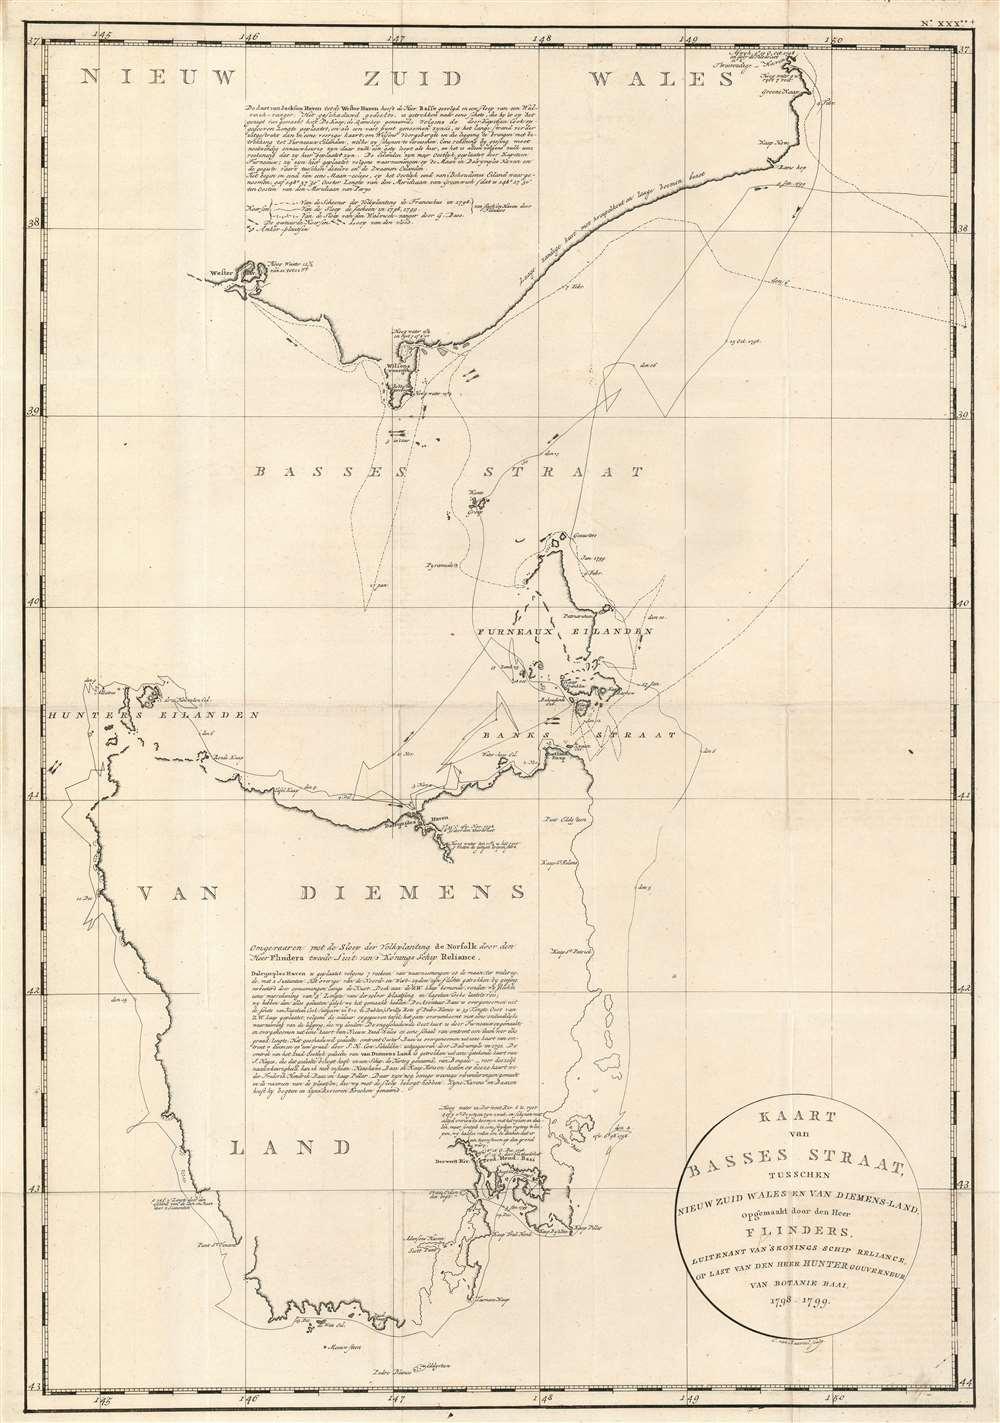 Kaart van Basses Straat Tusschen Nieuw Zuid Wales en Van Diemens-Land.